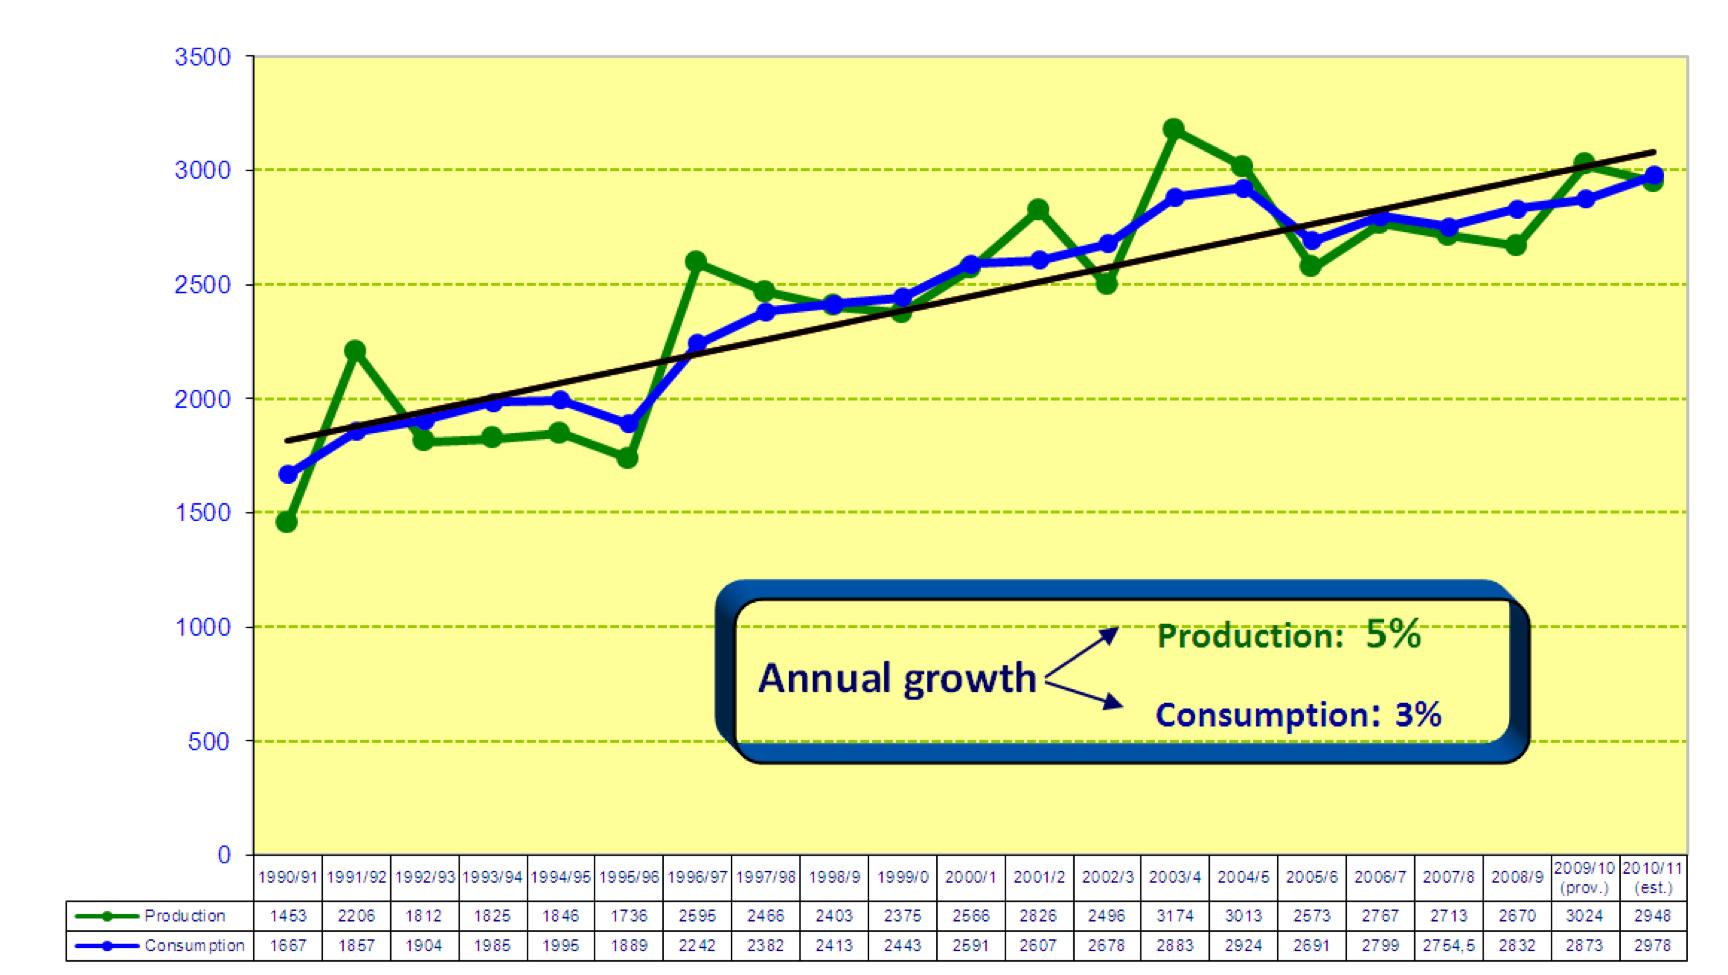 Παγκόσμια τάση παραγωγής και κατανάλωσης ελαιολάδου